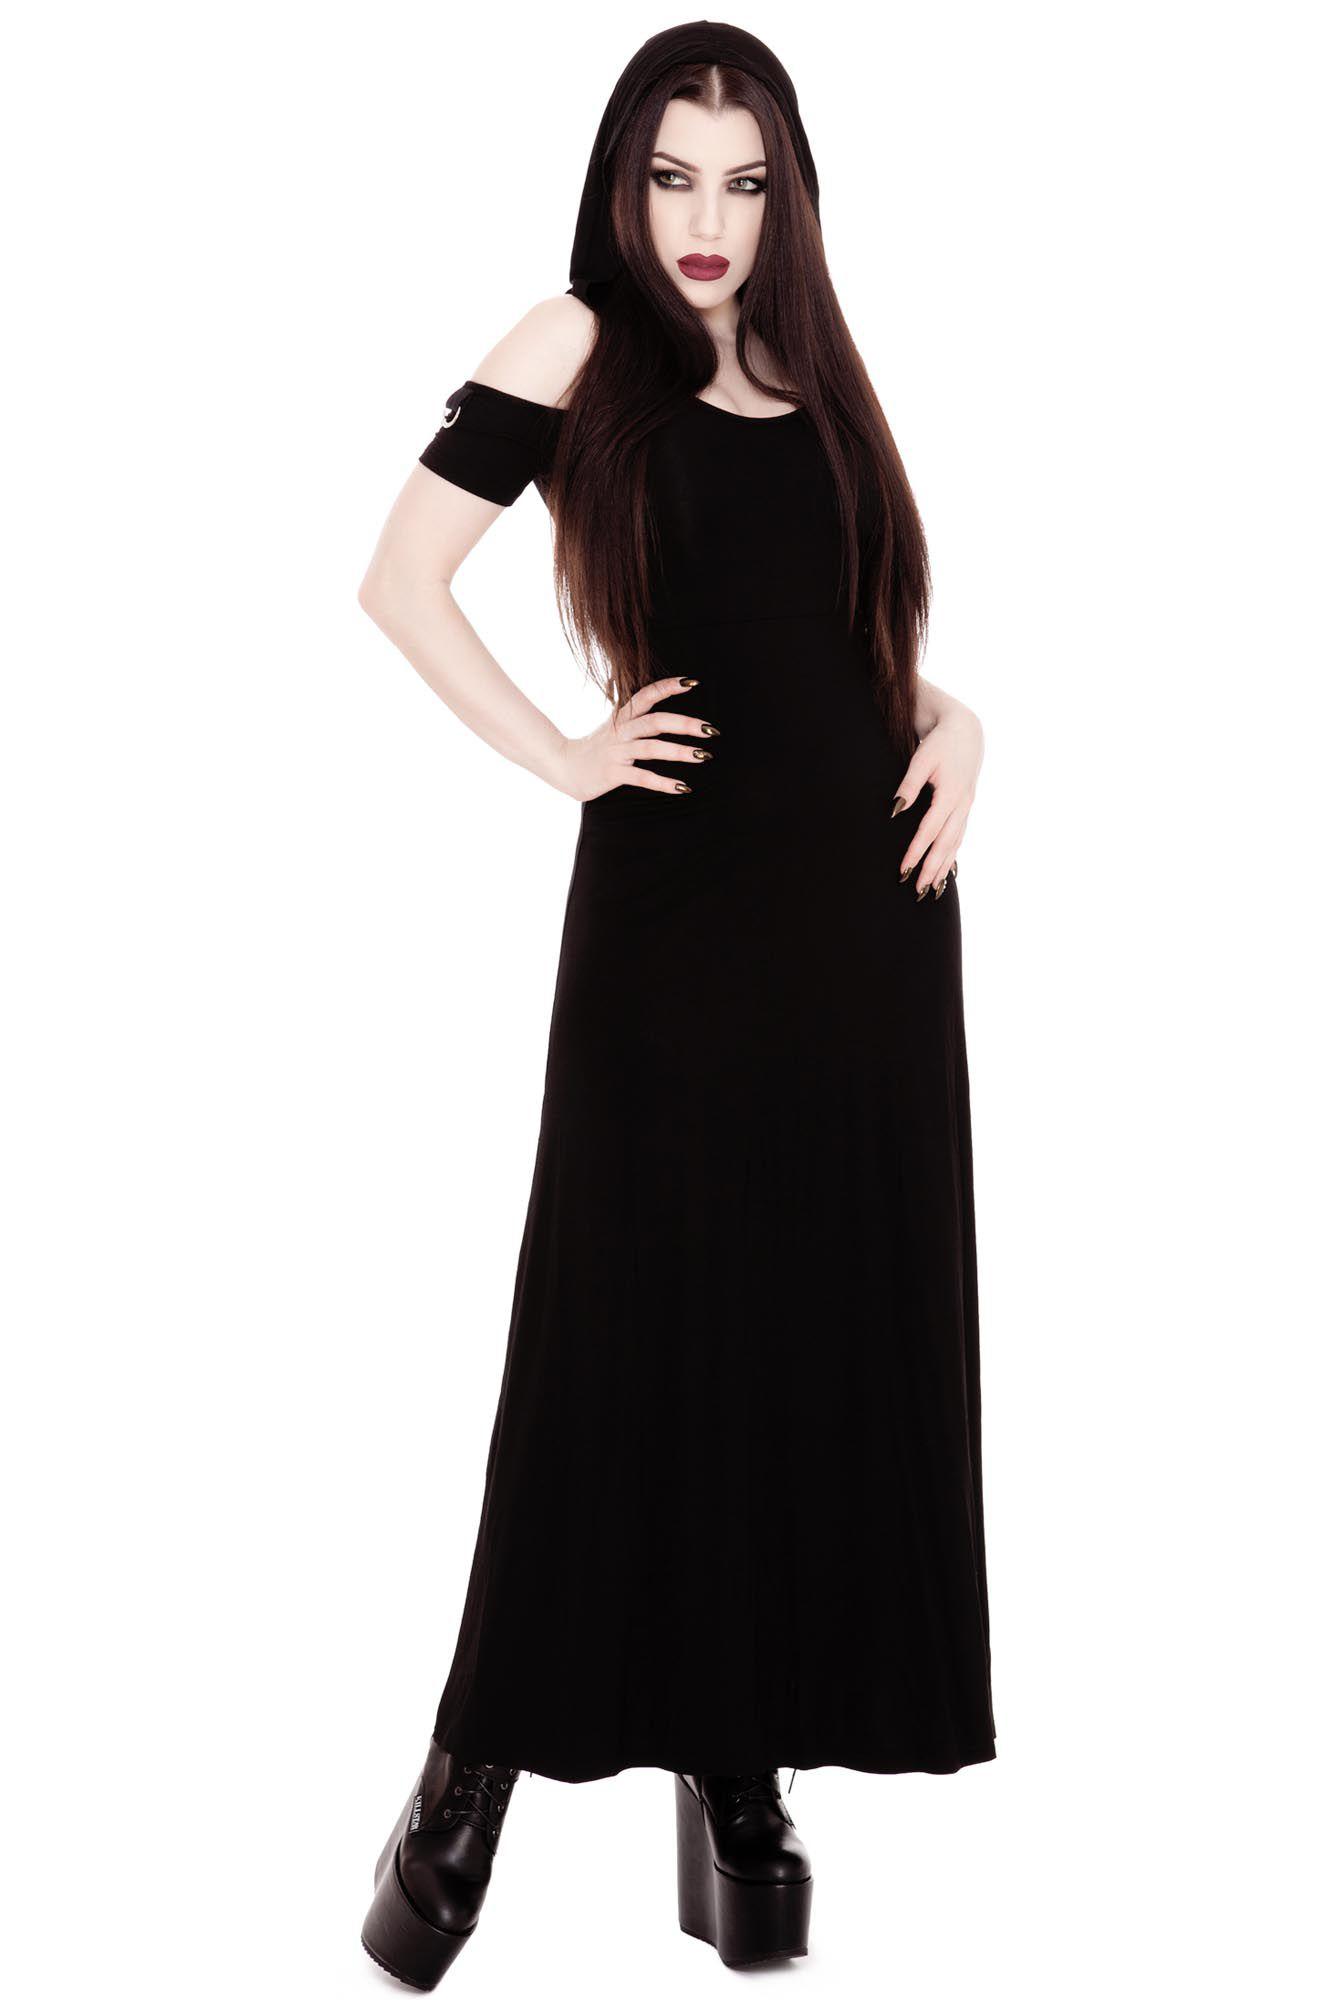 ks2418_longue-robe_gothique_glam_rock_boho-witch-rae-fairlight